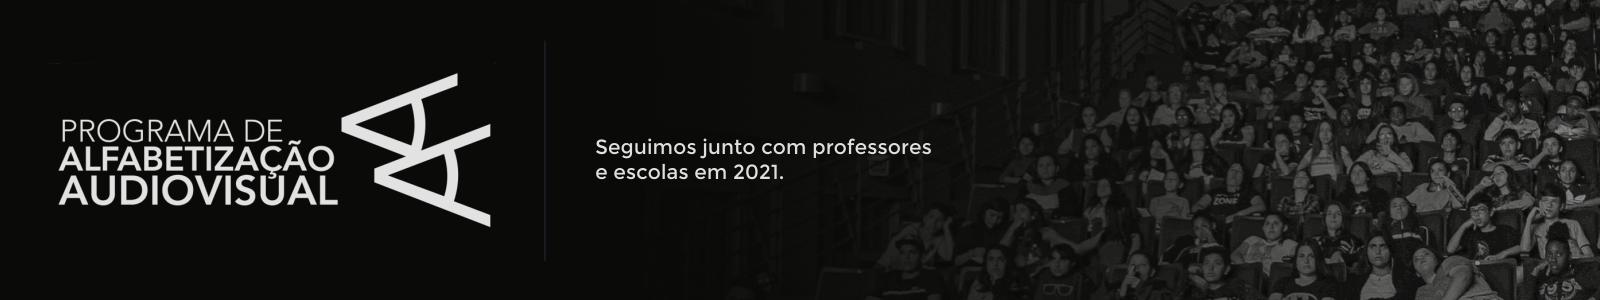 Alfabetização Audiovisual Porto Alegre